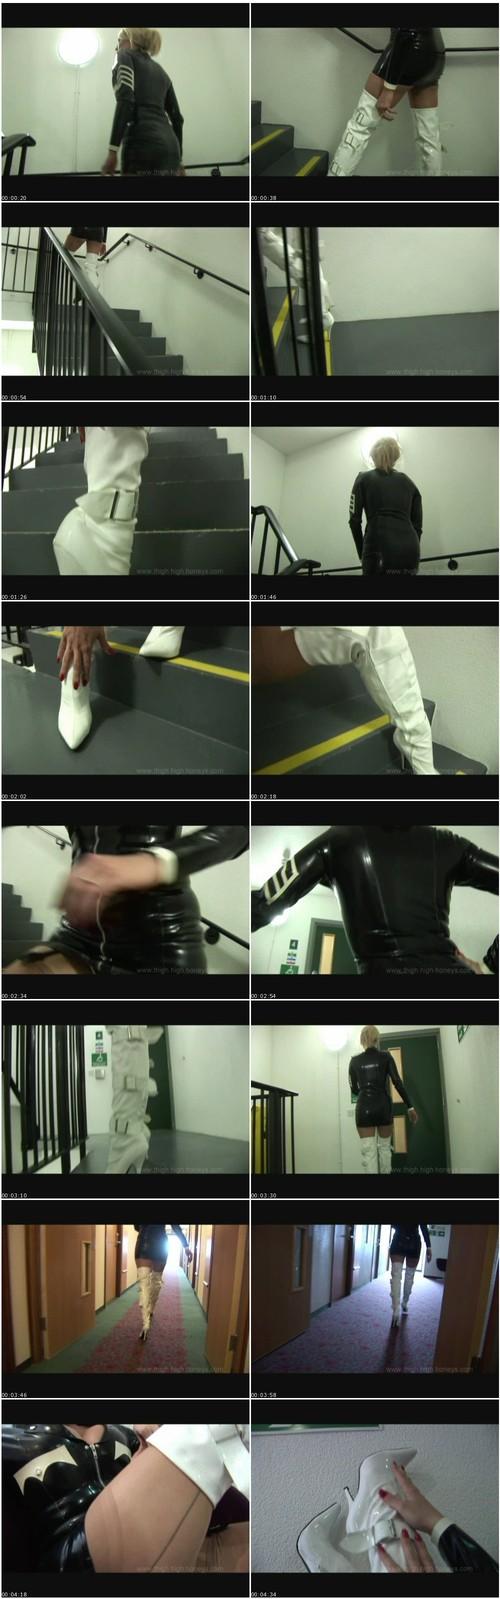 http://ist5-1.filesor.com/pimpandhost.com/9/6/8/3/96838/6/k/e/B/6keBO/ThighHighHoneys194_thumb_m.jpg